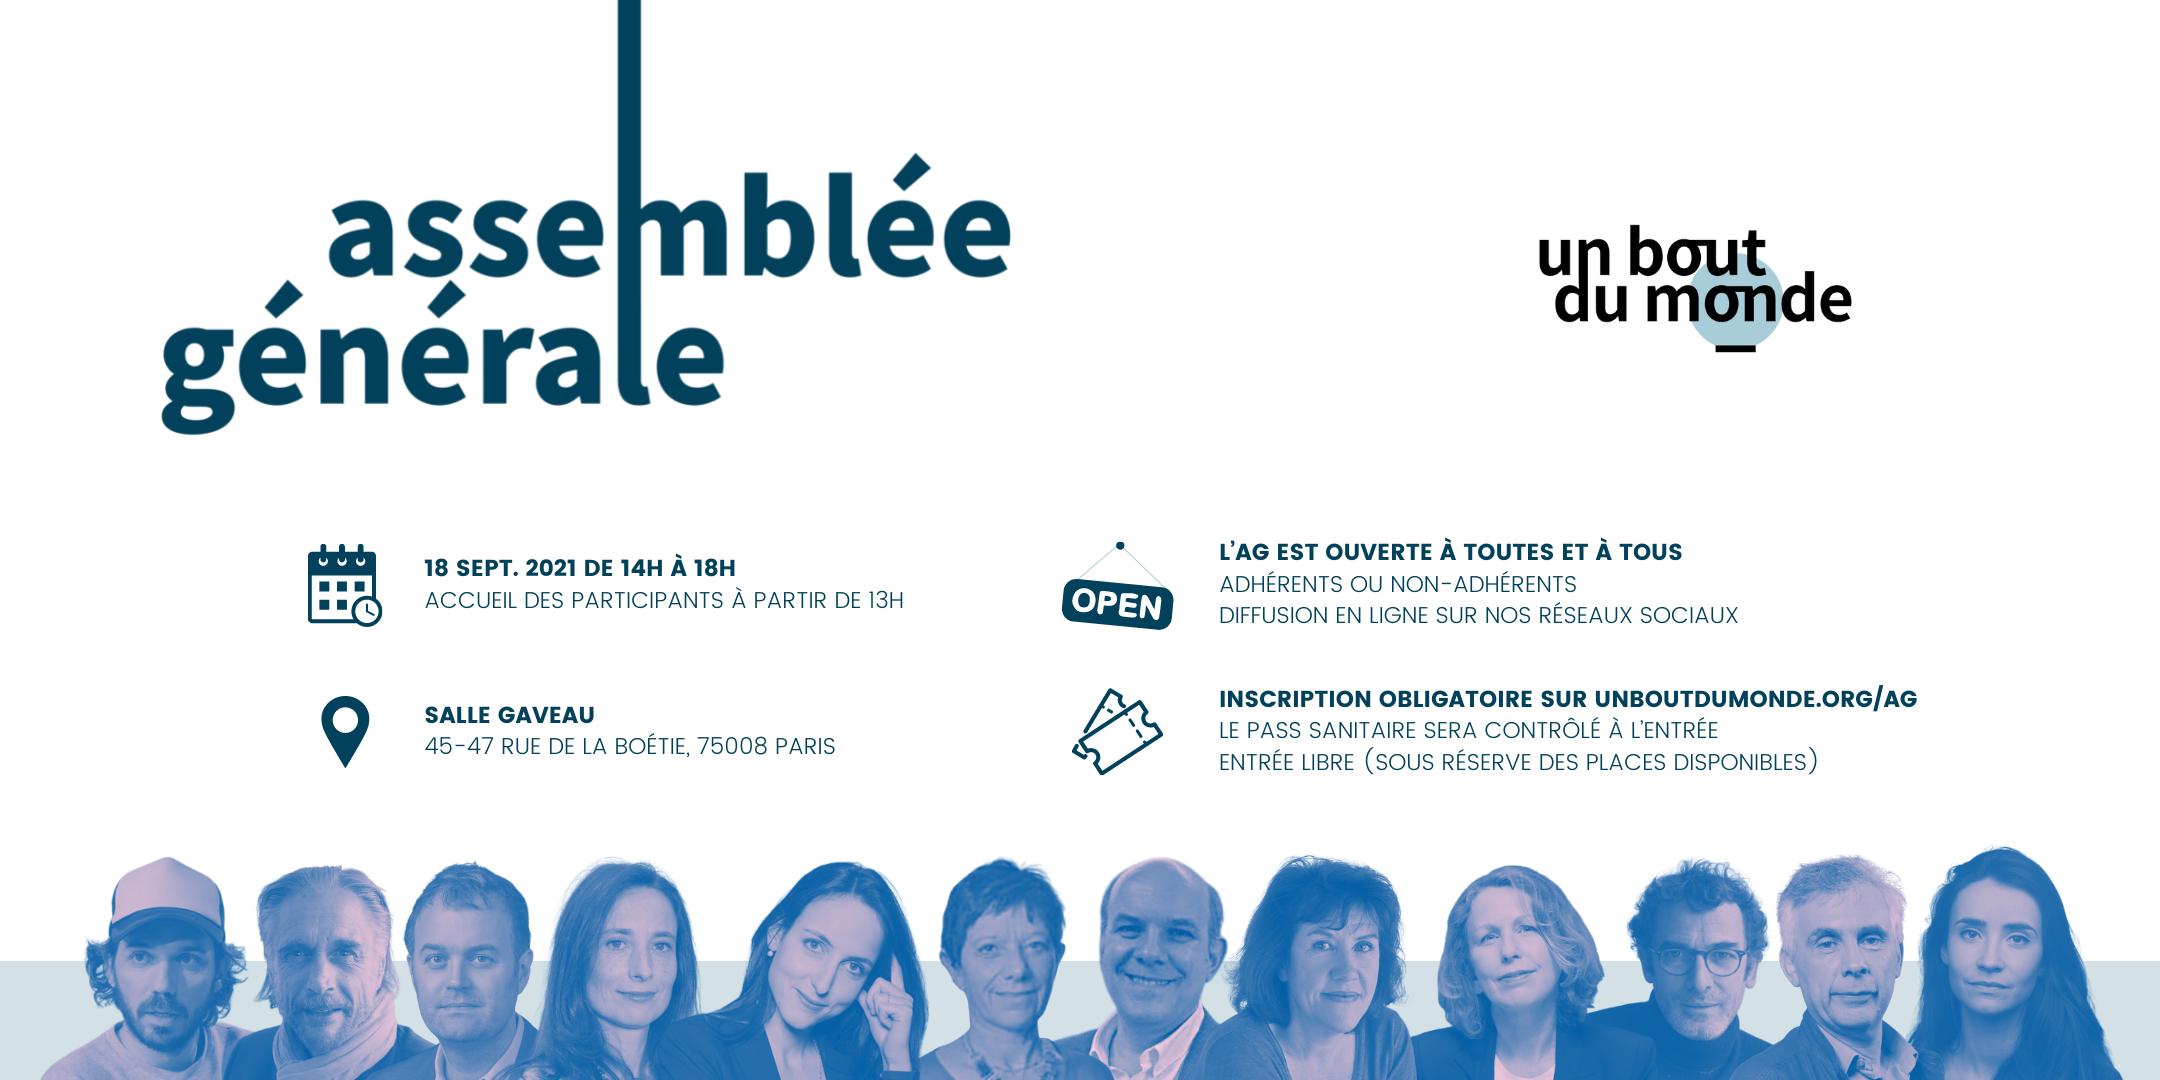 Bannière de présentation de l'assemblée générale, avec les visages des intervenants dont Julia Cagé, Franck Annese, Pascale Clark, Daniel Schneidermann ou Raphaëlle Bacqué.